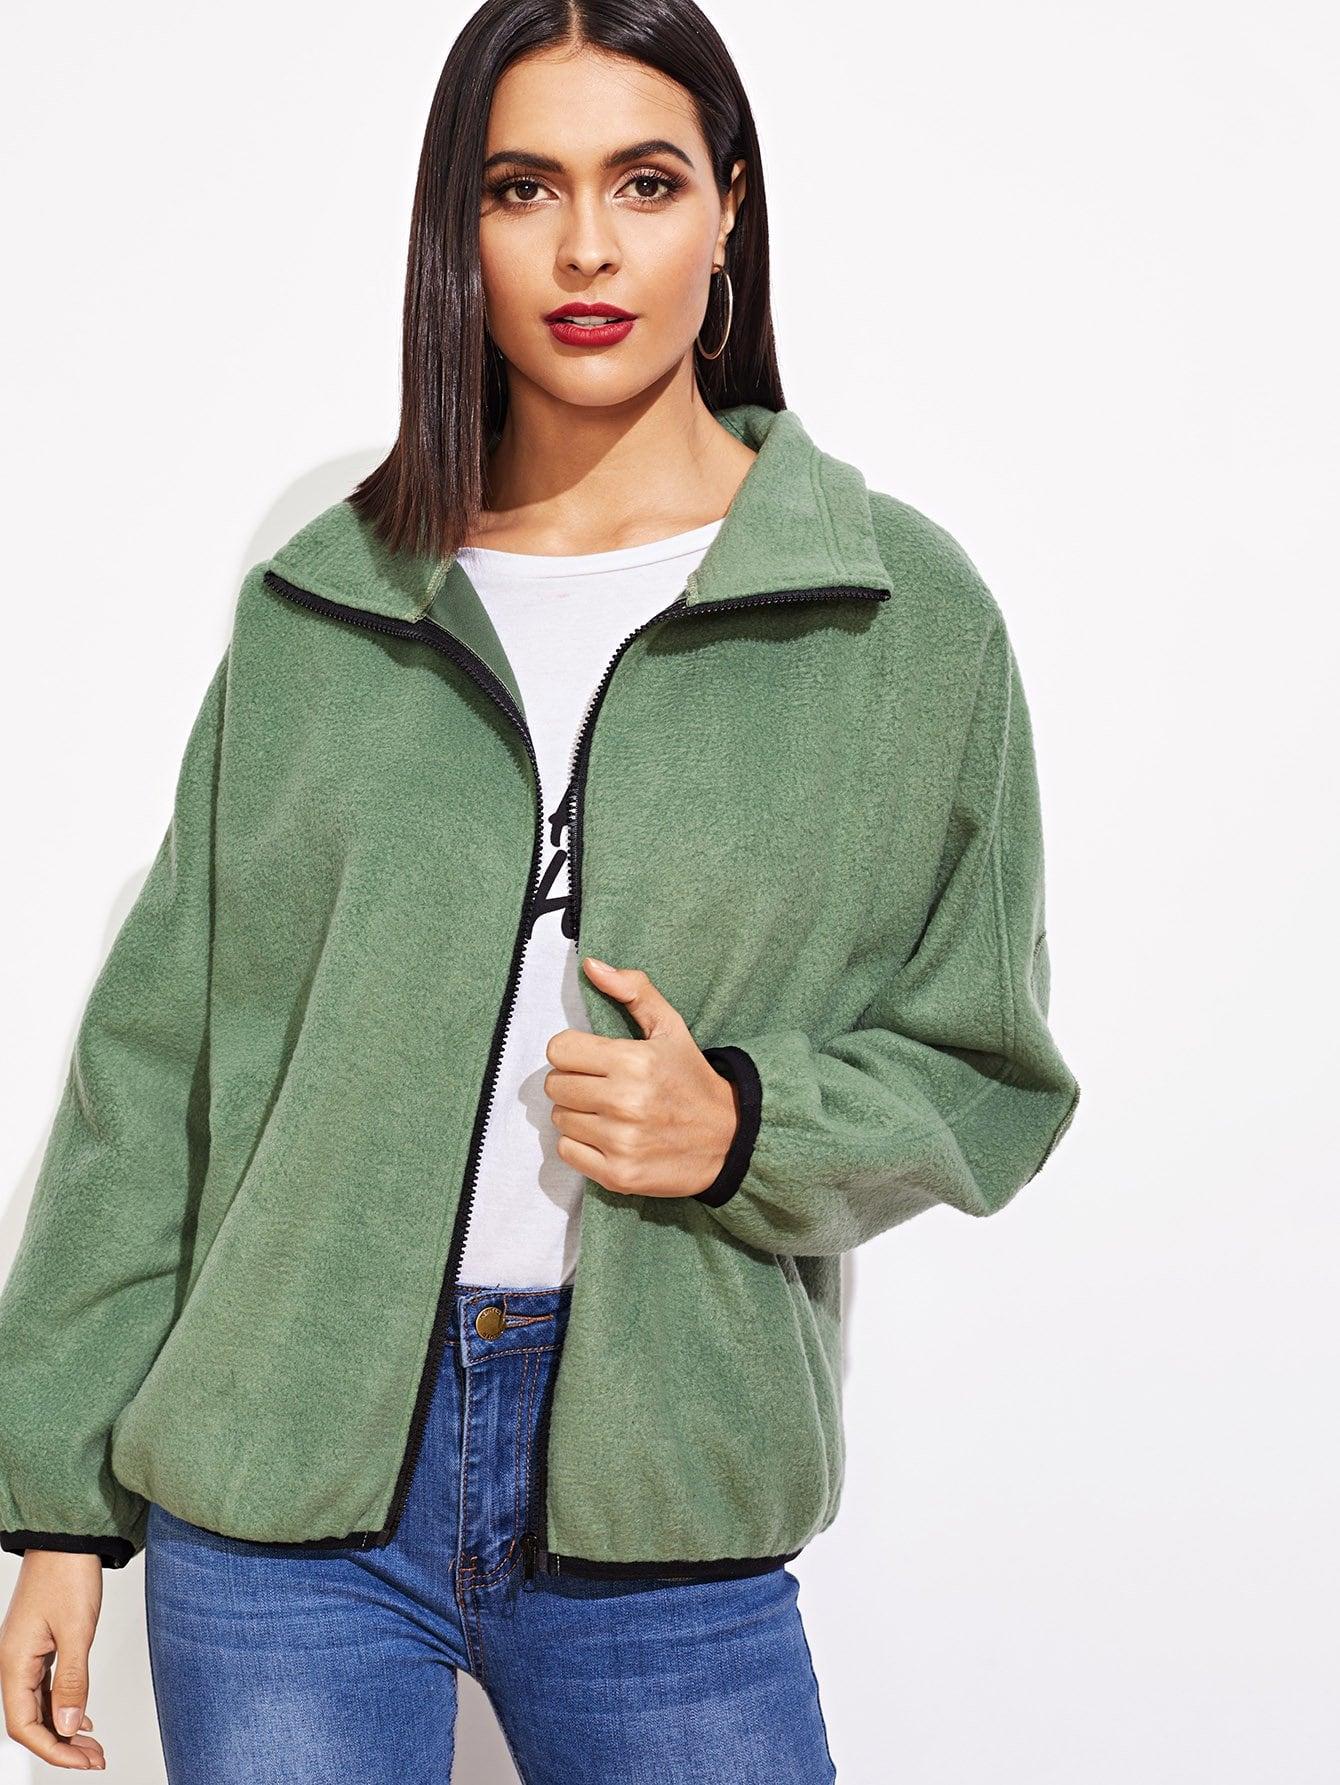 Купить Повседневный Одноцветный на молнии Зеленый Жакеты + Куртки, Verob, SheIn